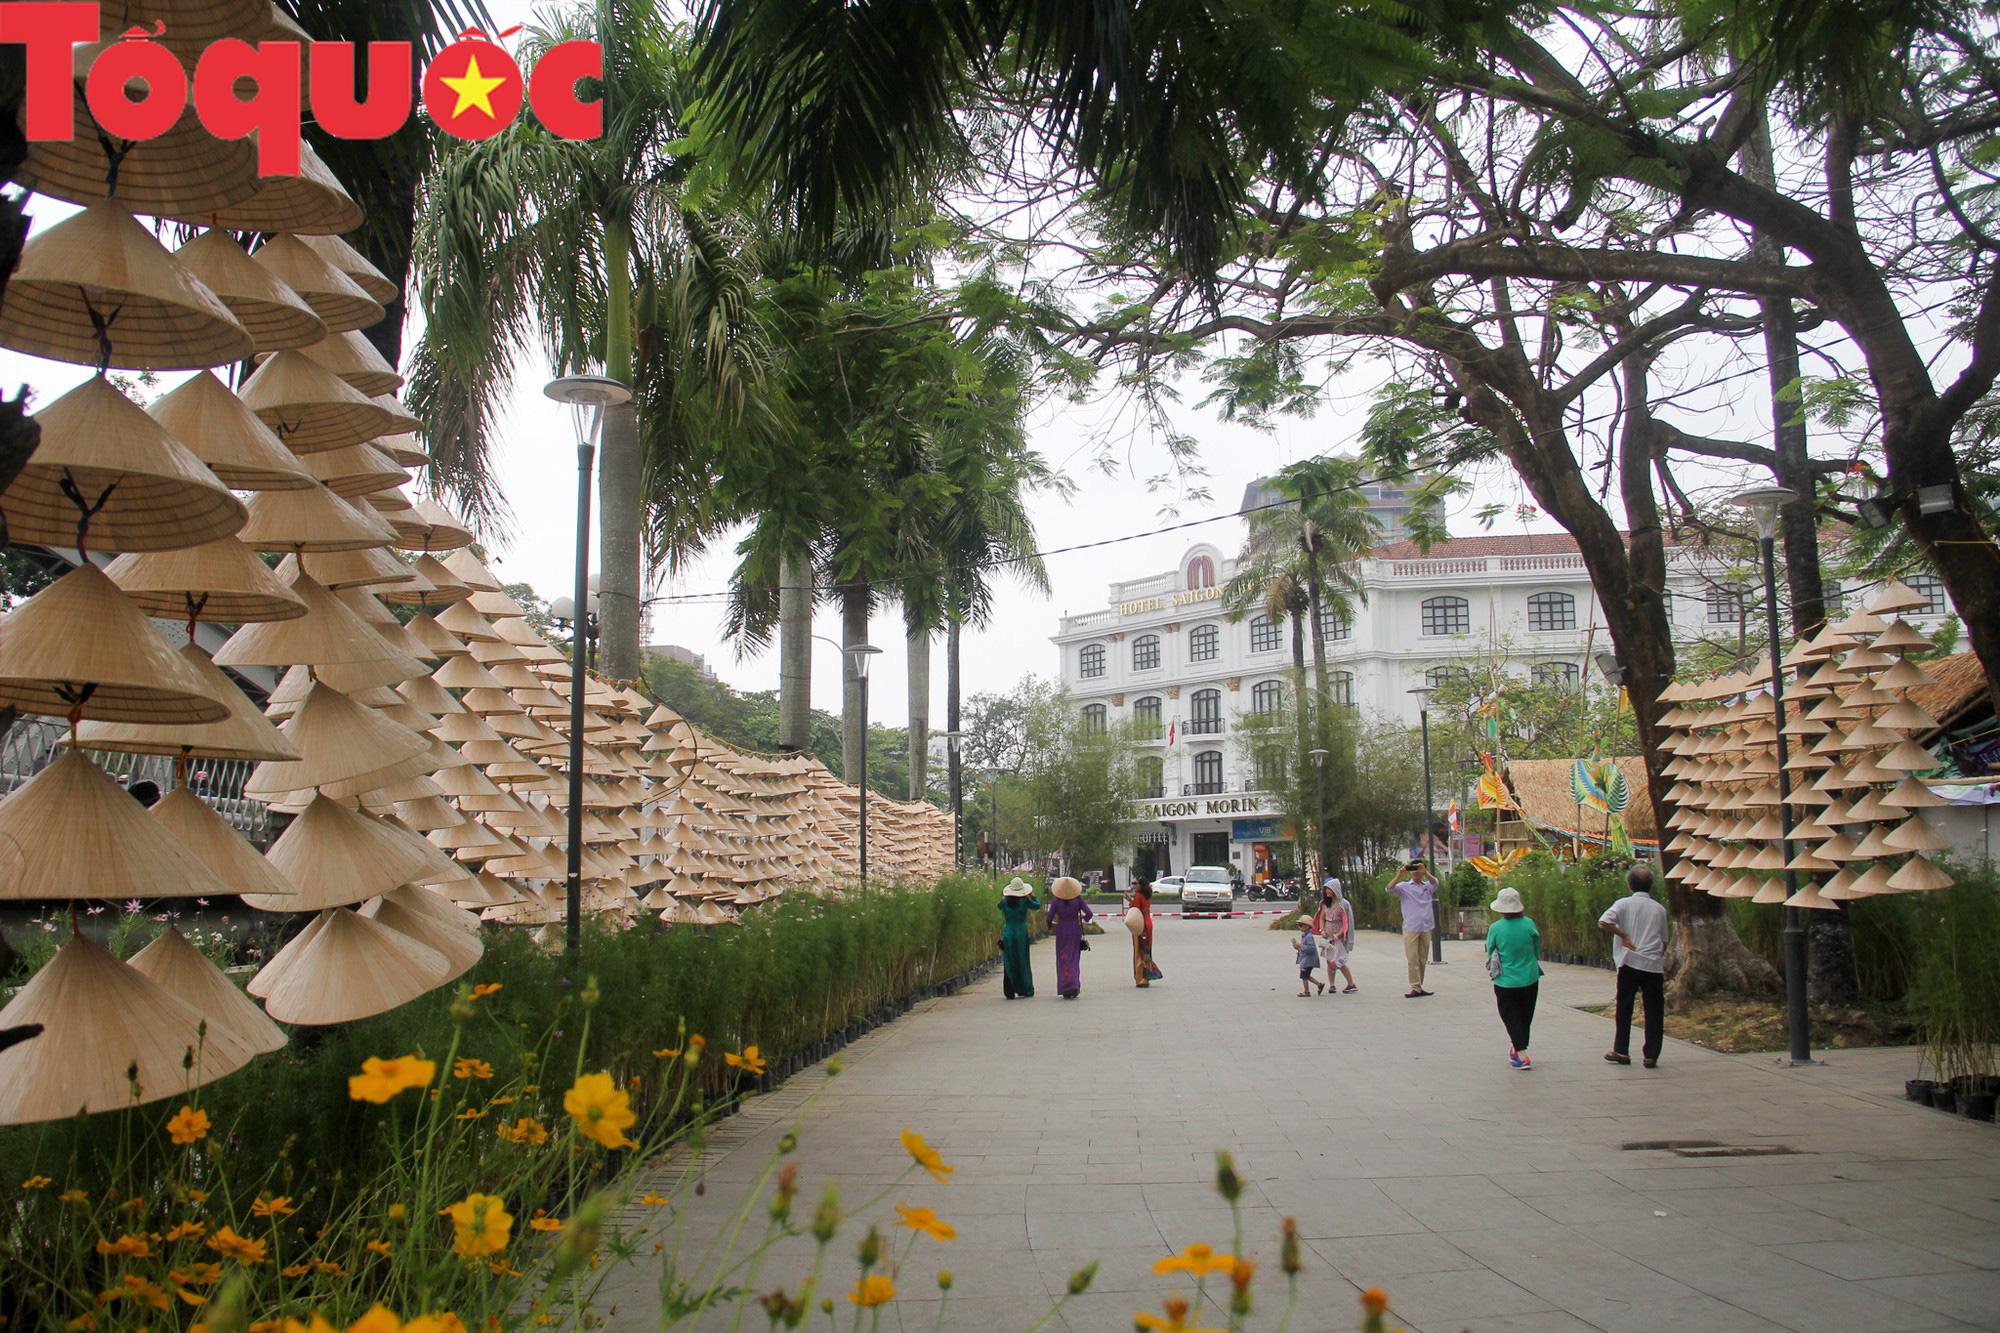 Tinh hoa làng nghề Việt hội tụ bên dòng sông Hương - Ảnh 2.